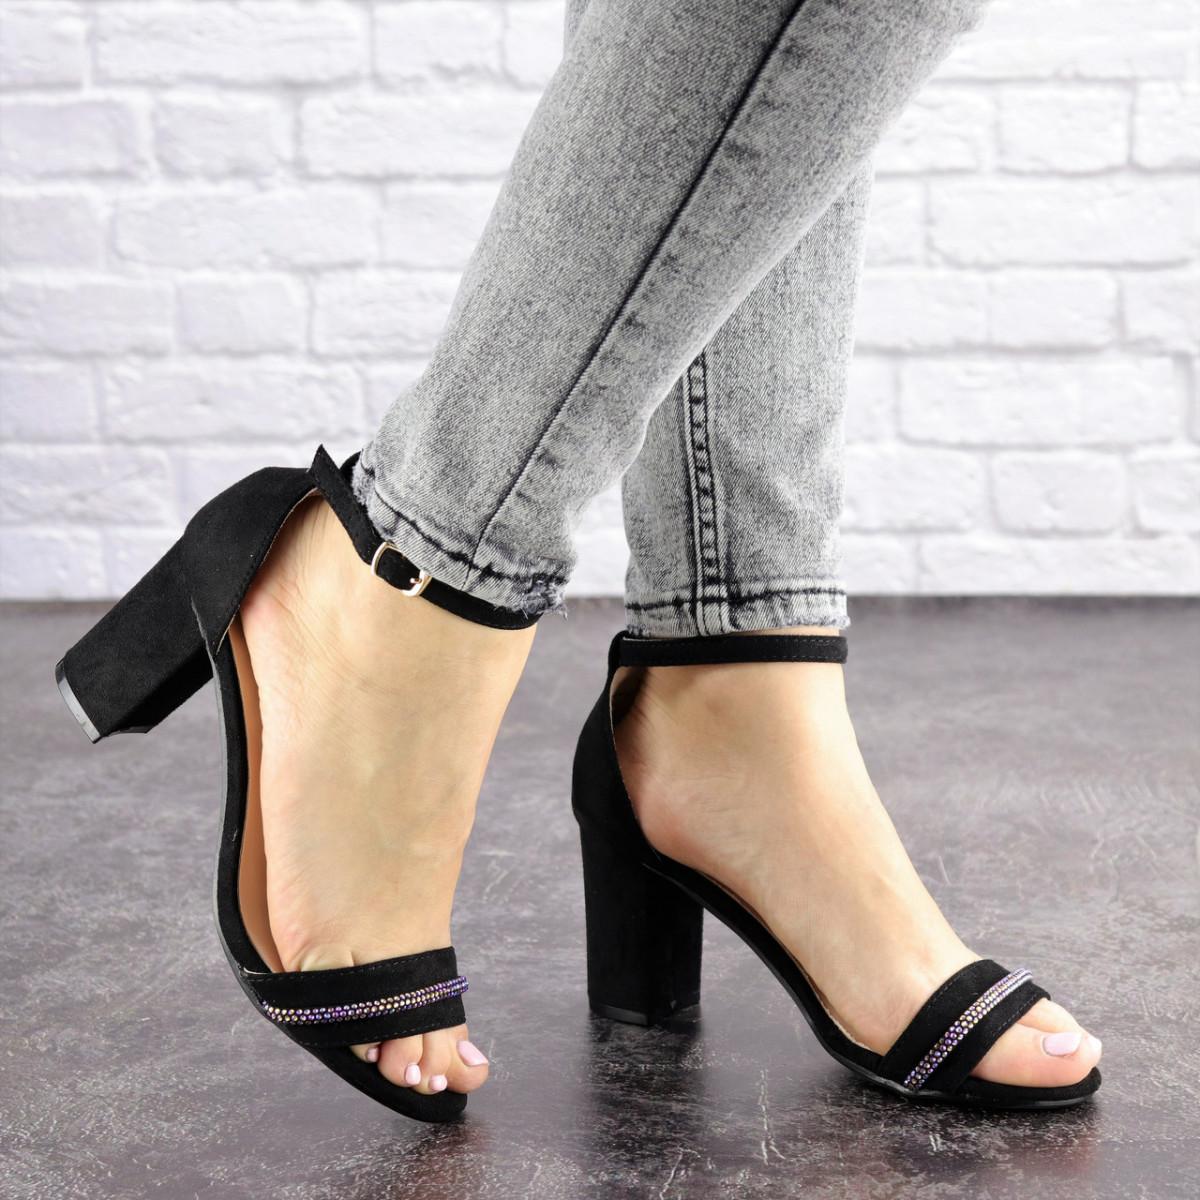 Женские босоножки на каблуке Fashion Juno 1650 36 размер 23,5 см Черный